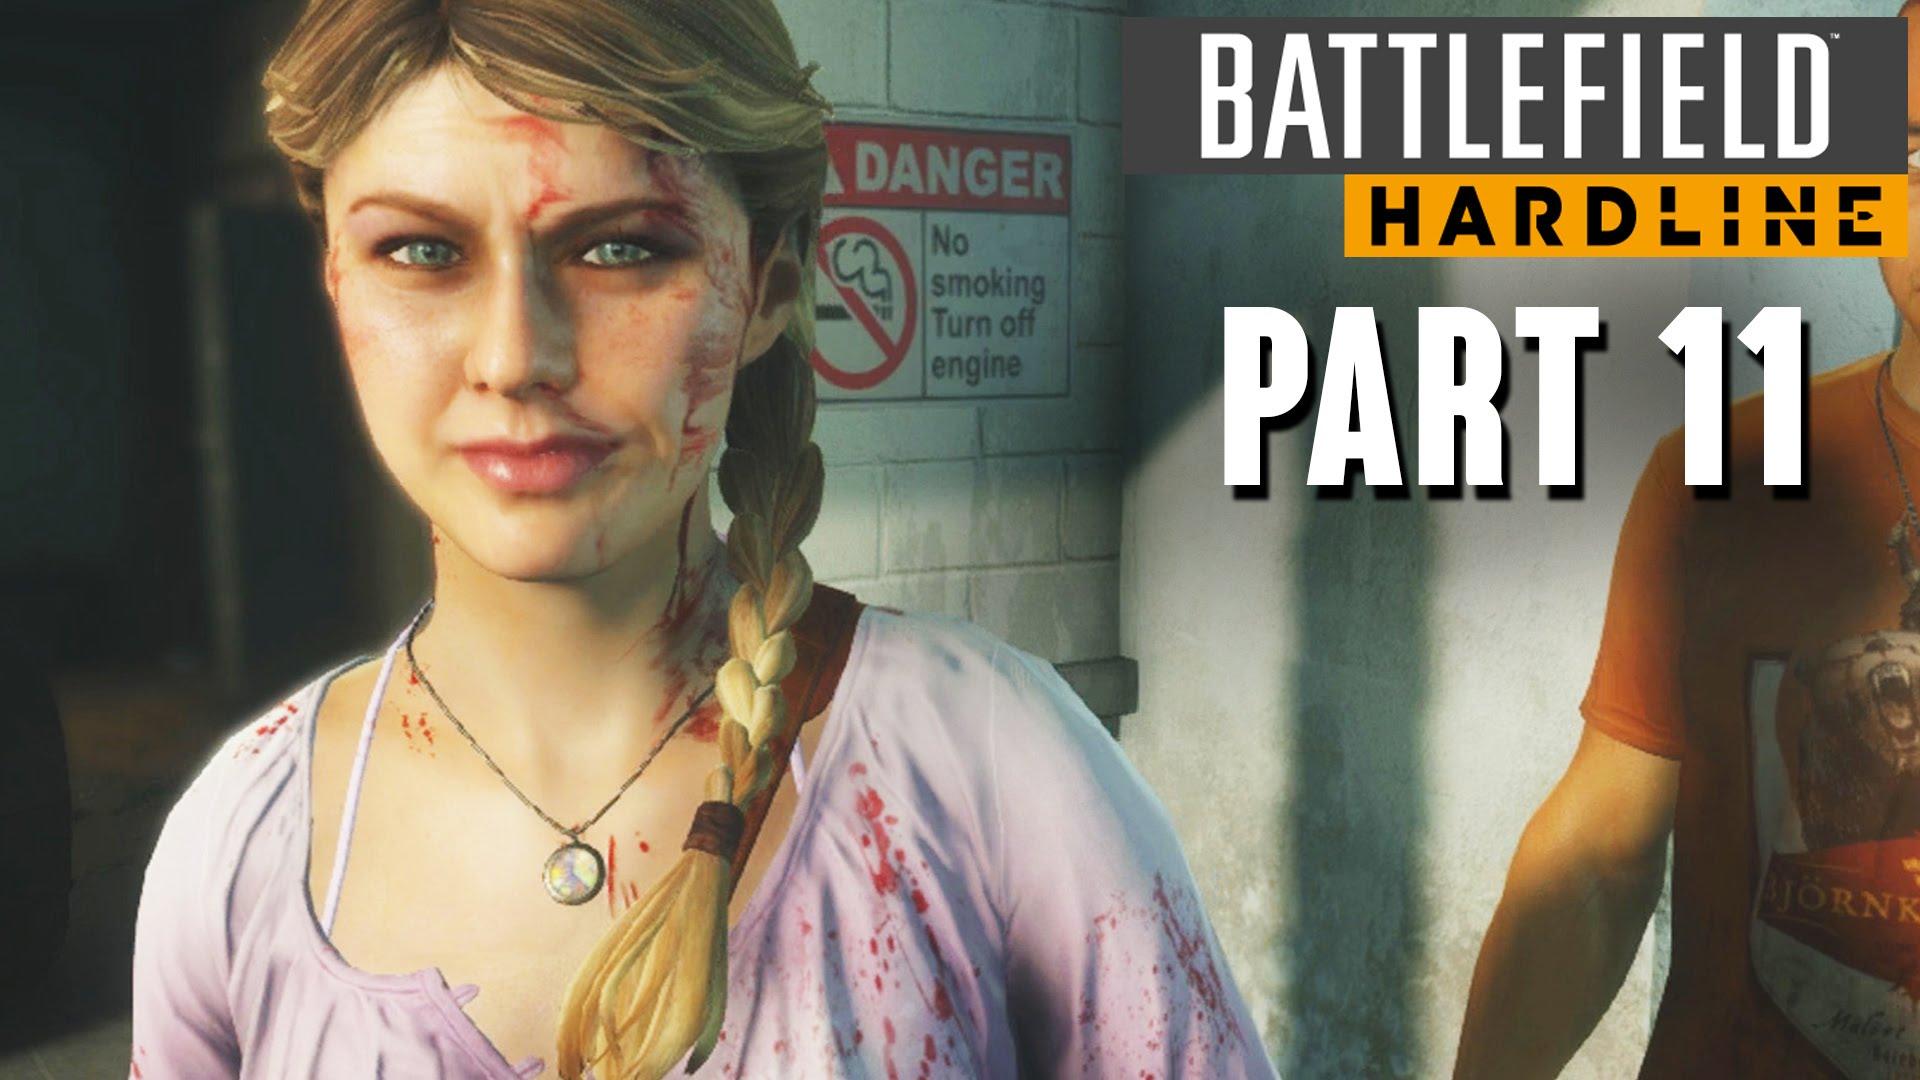 بتلفیلد هاردلاین مرحله 11 - Battlefield Hardline-PC